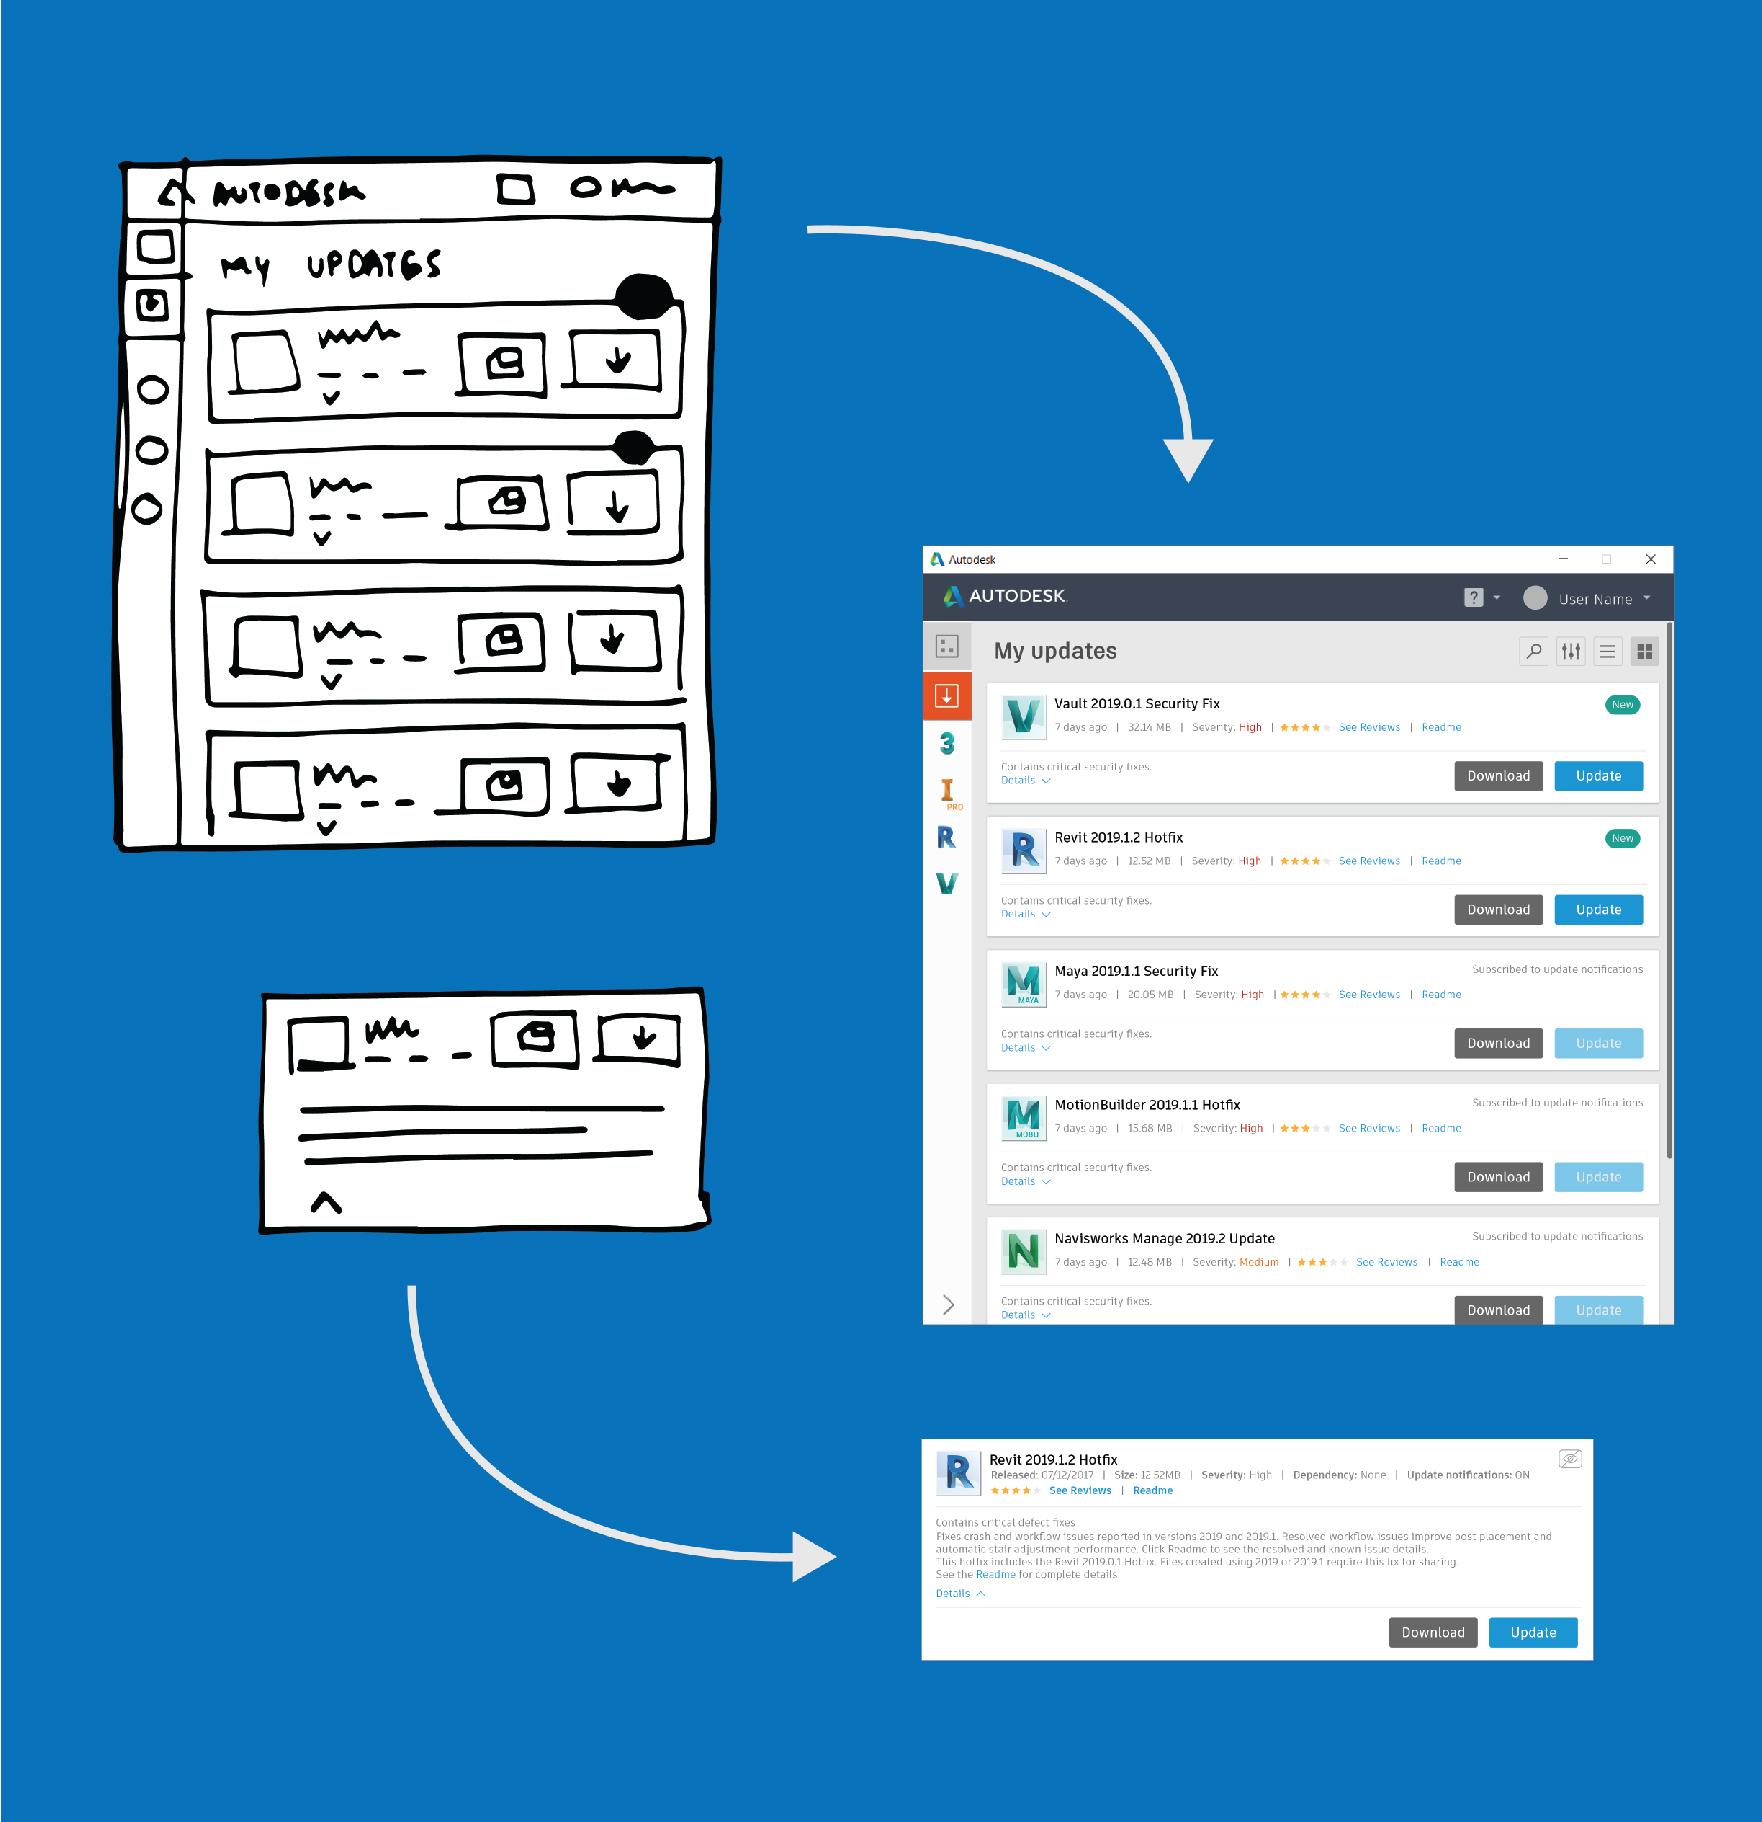 Autodesk_slides-33.jpg